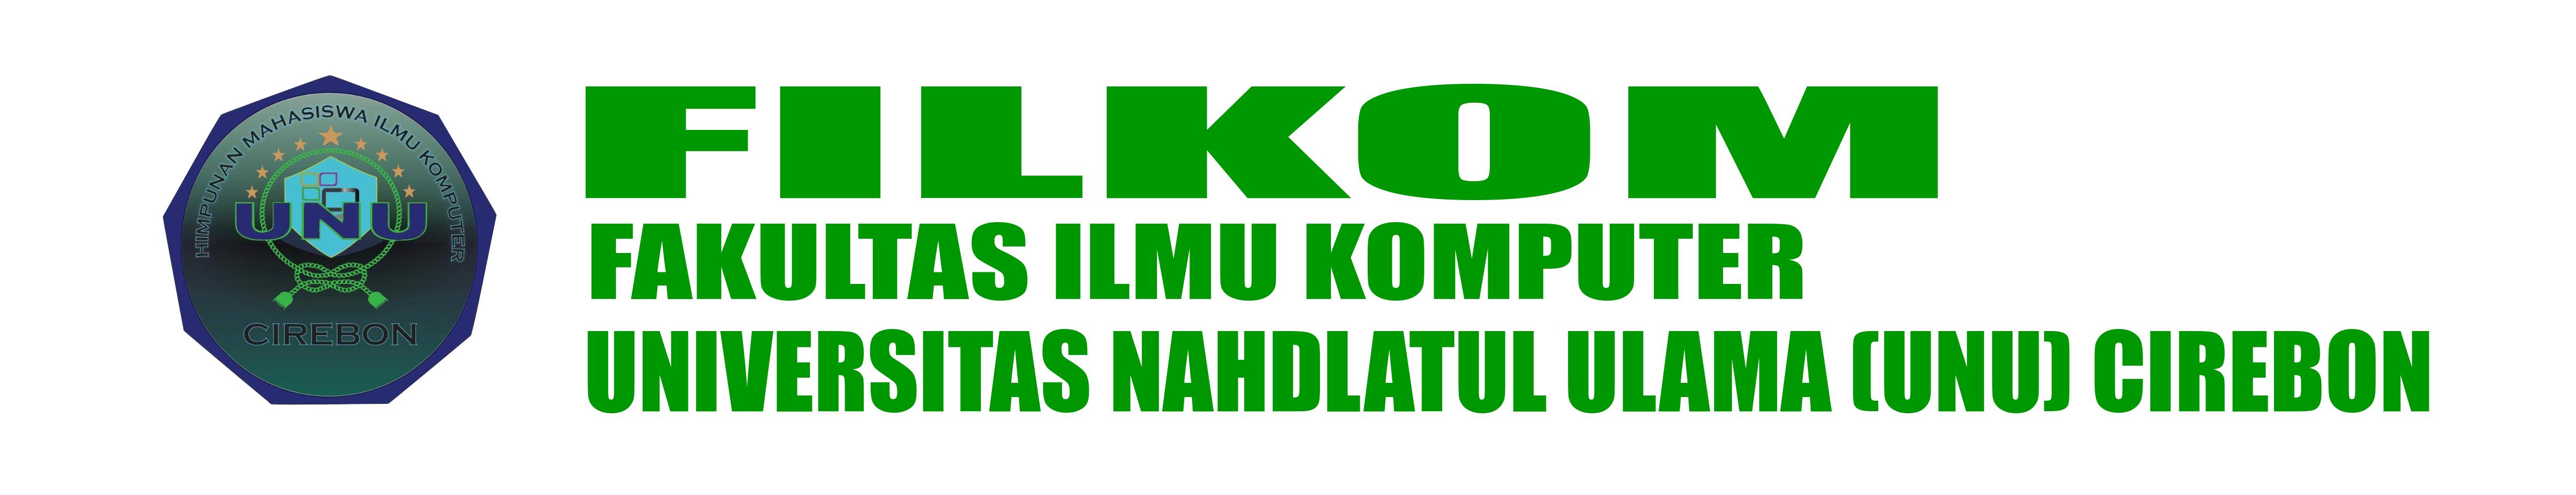 Fakultas Ilmu Komputer UNU Cirebon